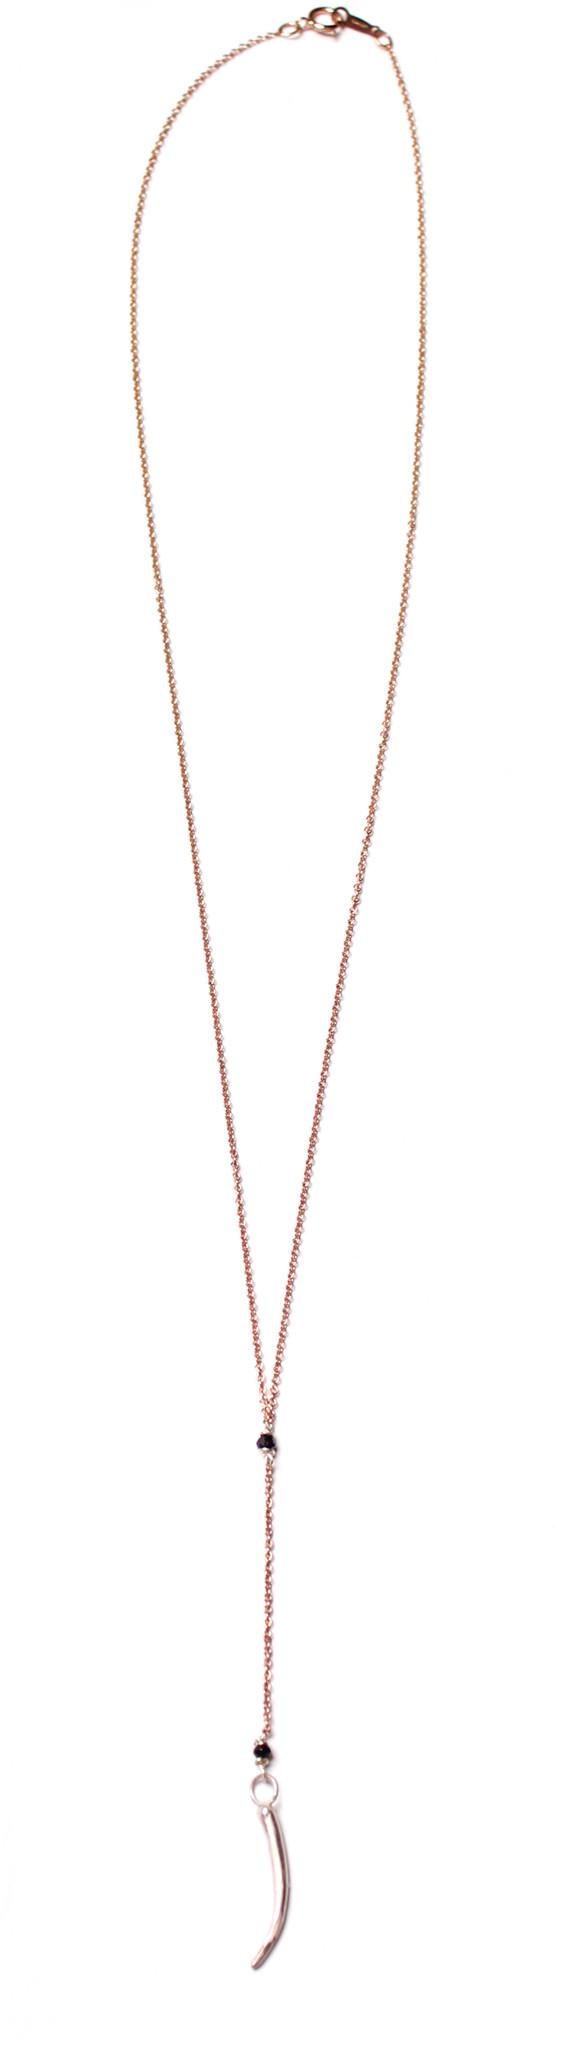 Sarah Dunn Tusk Lariat Rose Gold Necklace